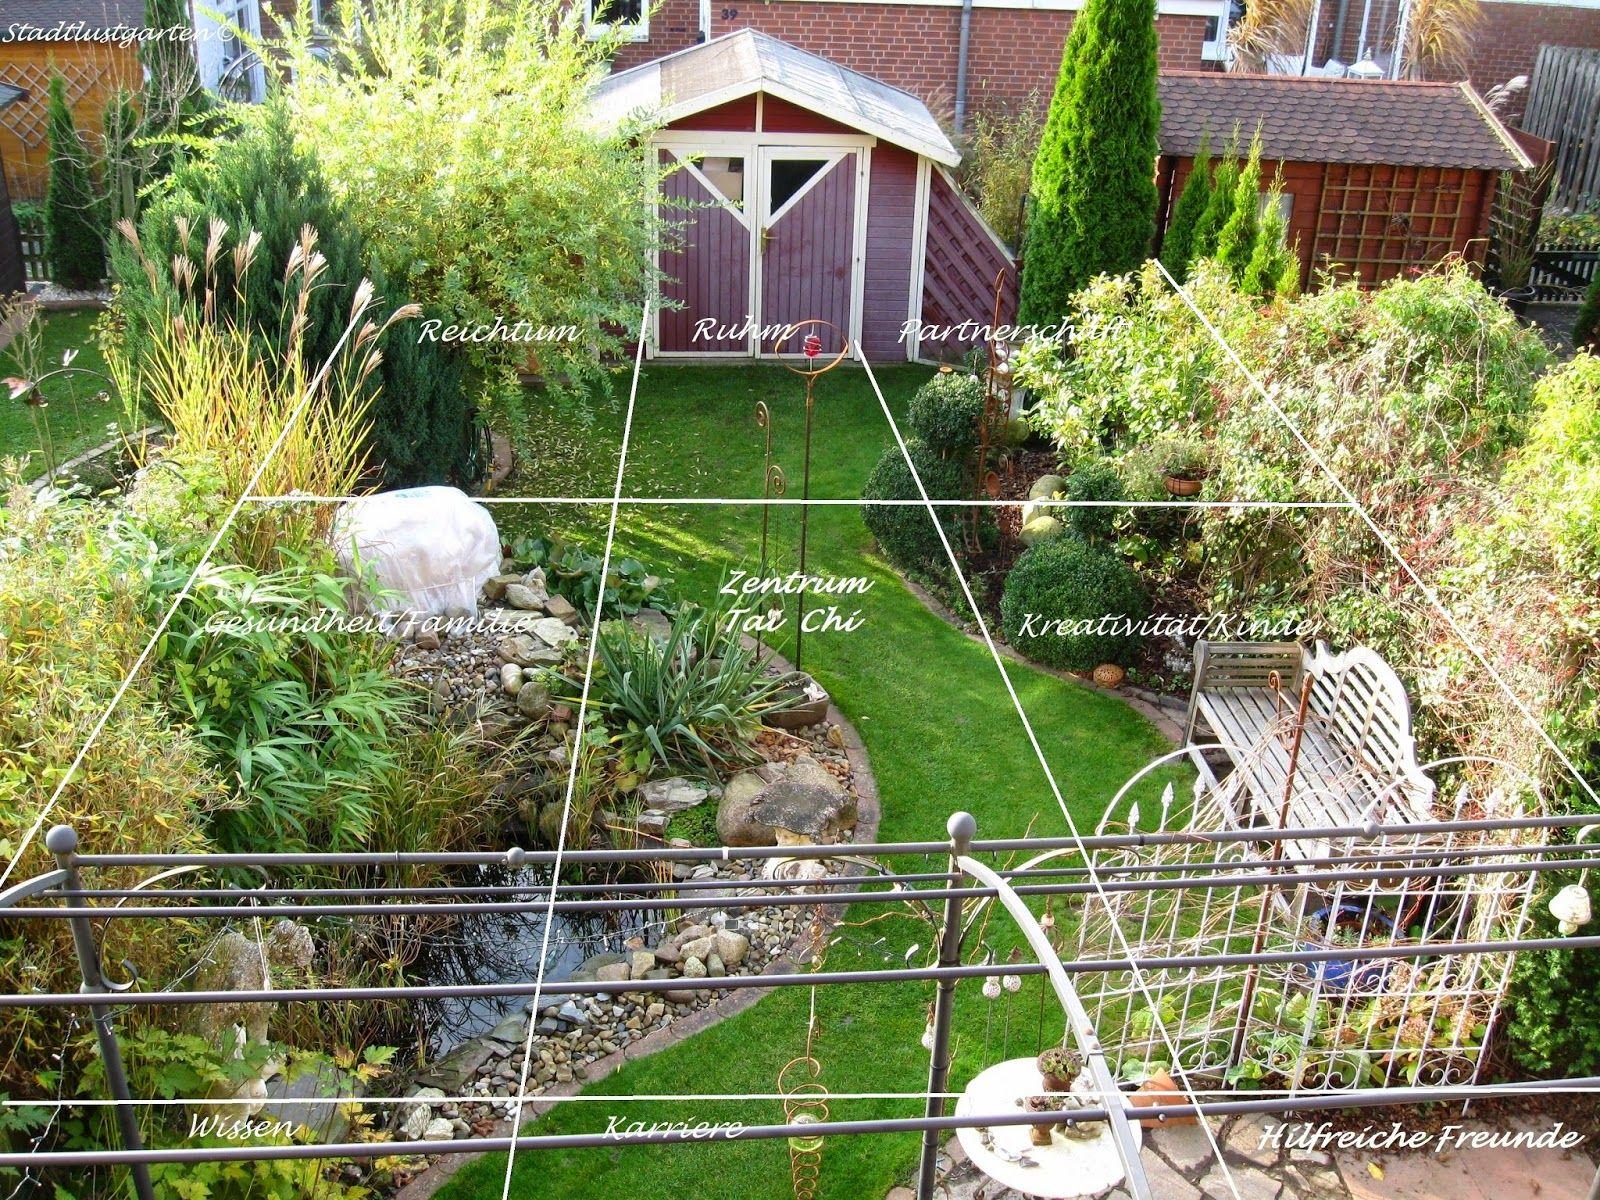 wein im garten, reihenhausgarten, feng shui im garten, harmonielehre, vorgarten, ein, Design ideen